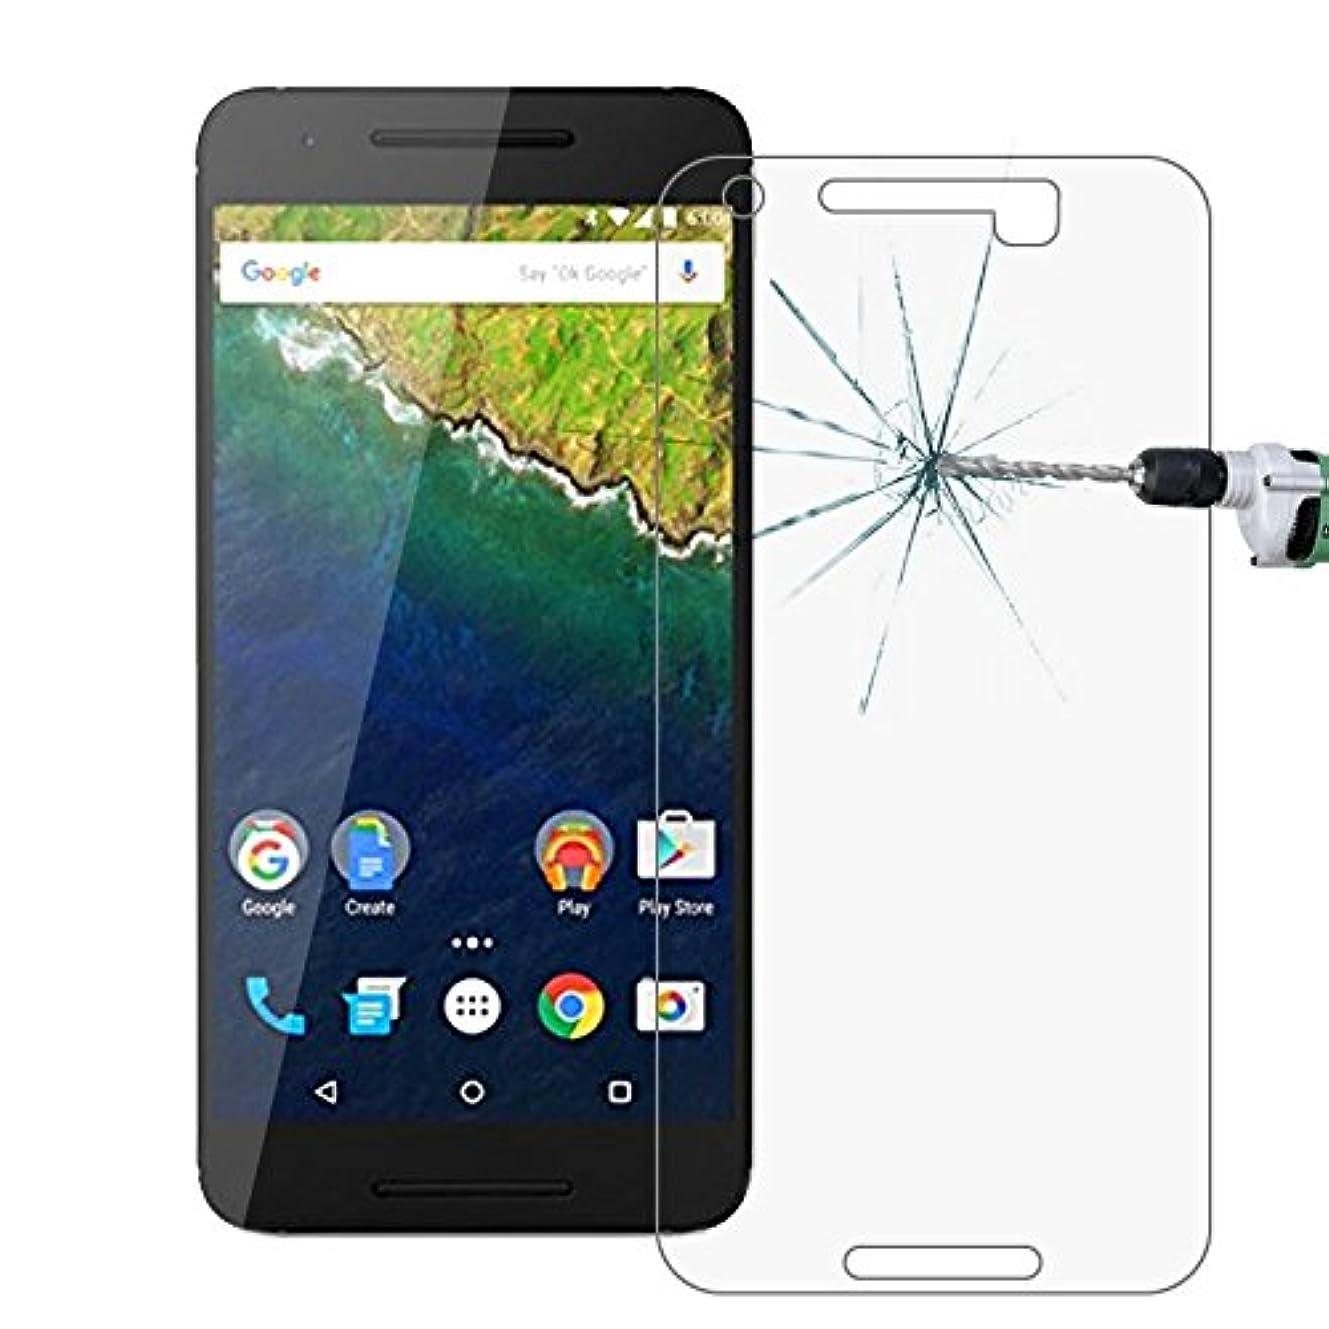 ヤングアウトドア装置スクリーンプロテクター Google Nexus 6P 0.26mm 9H表面硬度2.5Dの防塵強化ガラスフィルム50個、リテールパッケージなし